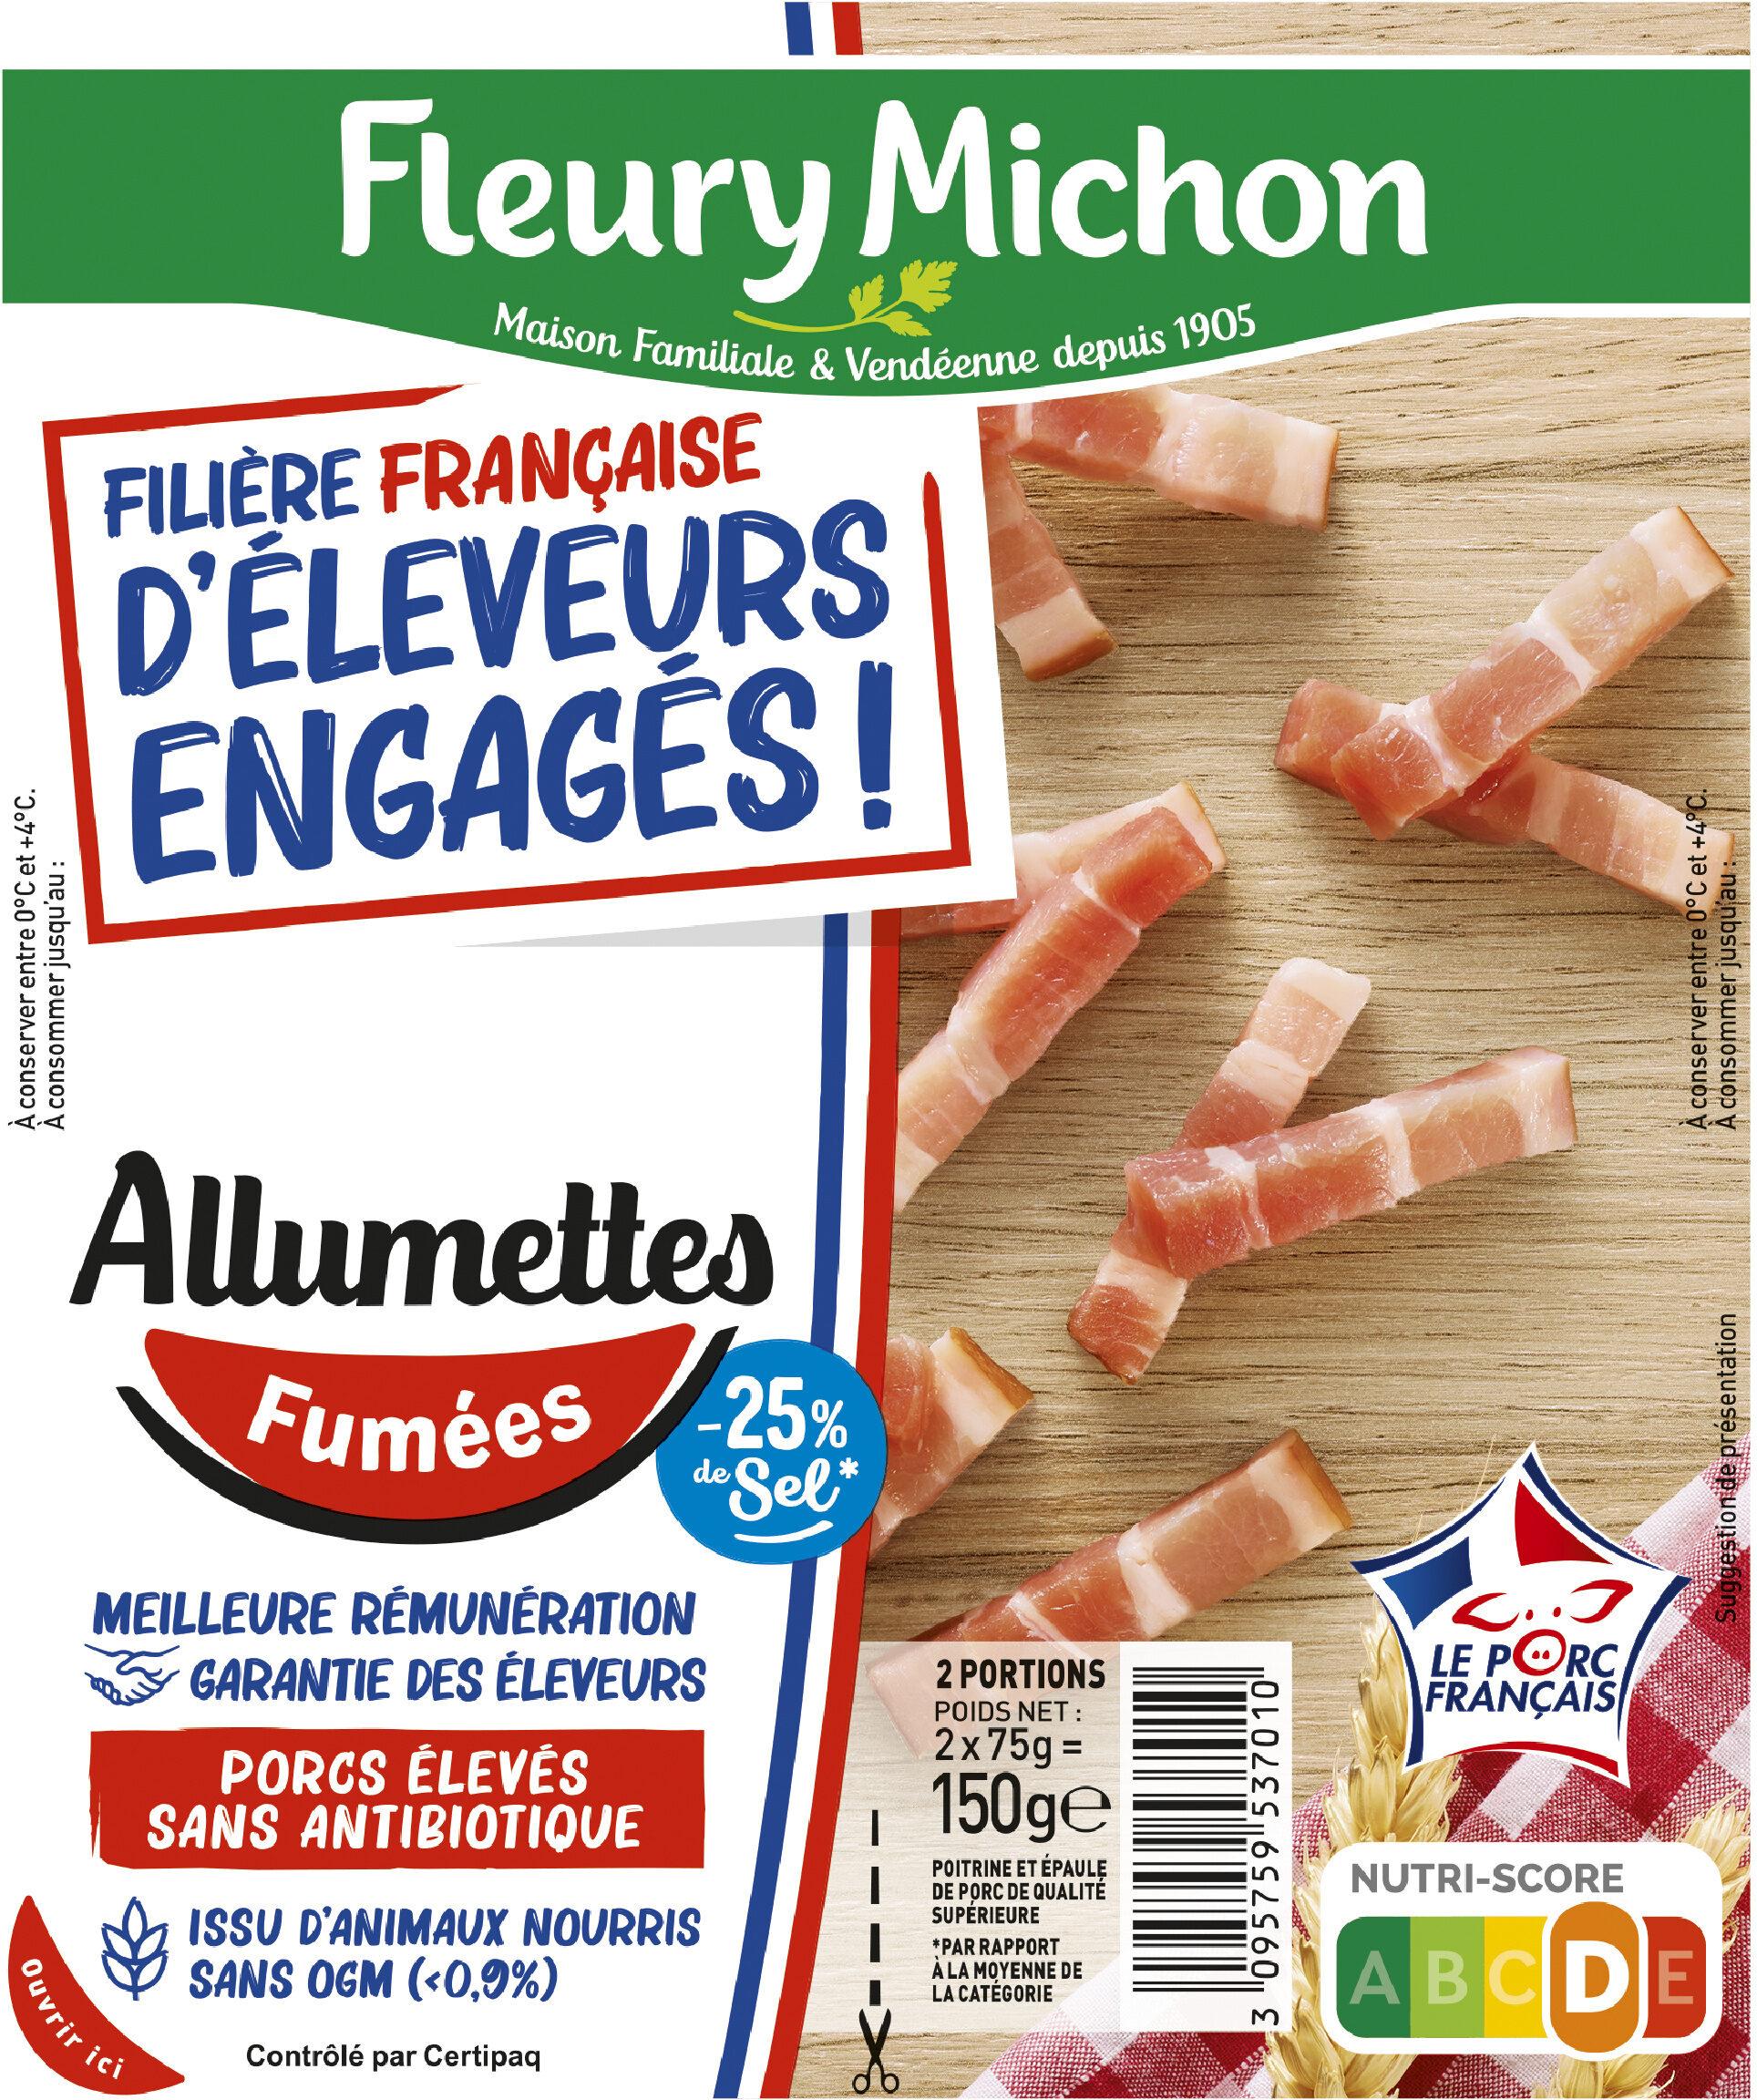 Allumettes - Fumées -25% de sel* - FILIERE FRANCAISE D'ELEVEURS ENGAGES - Produit - fr